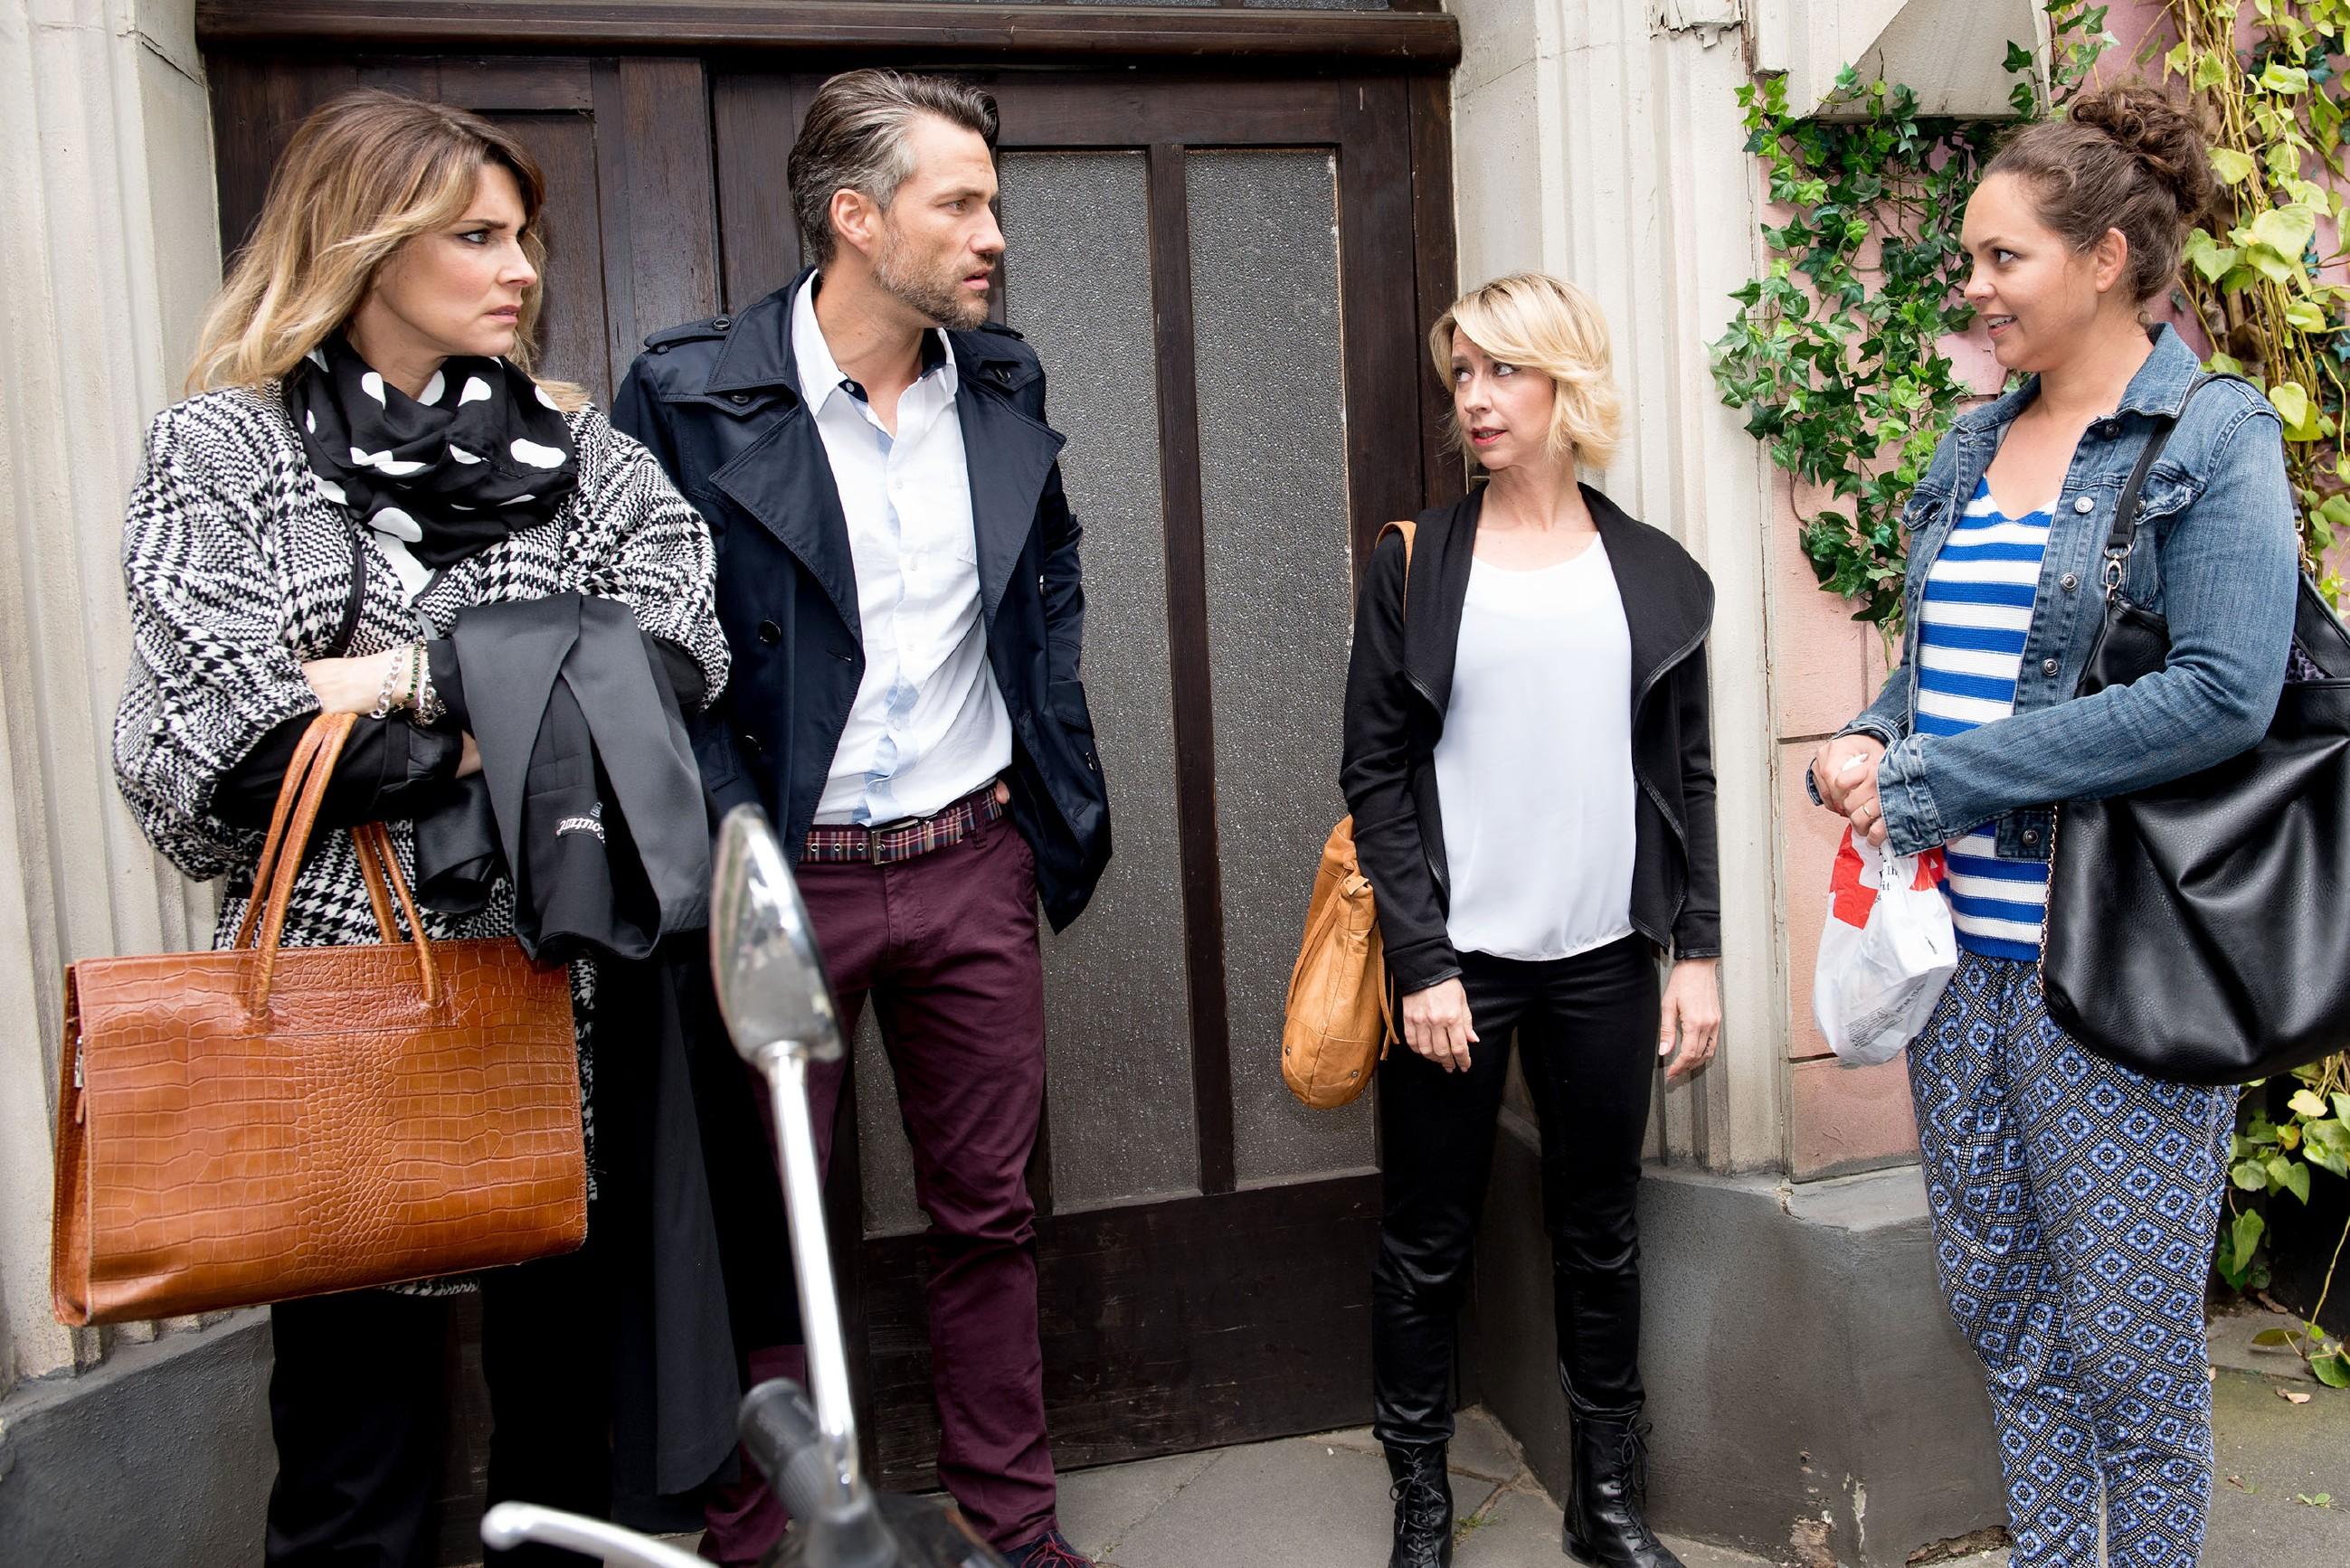 Caro (Ines Kurenbach, r.) und Ute (Isabell Hertel, 2.v.r.) halten den bevorstehenden Schwangerschaftstest vor Malte (Stefan Bockelmann) und Eva (Claudelle Deckert) geheim. (Quelle: RTL / Stefan Behrens)